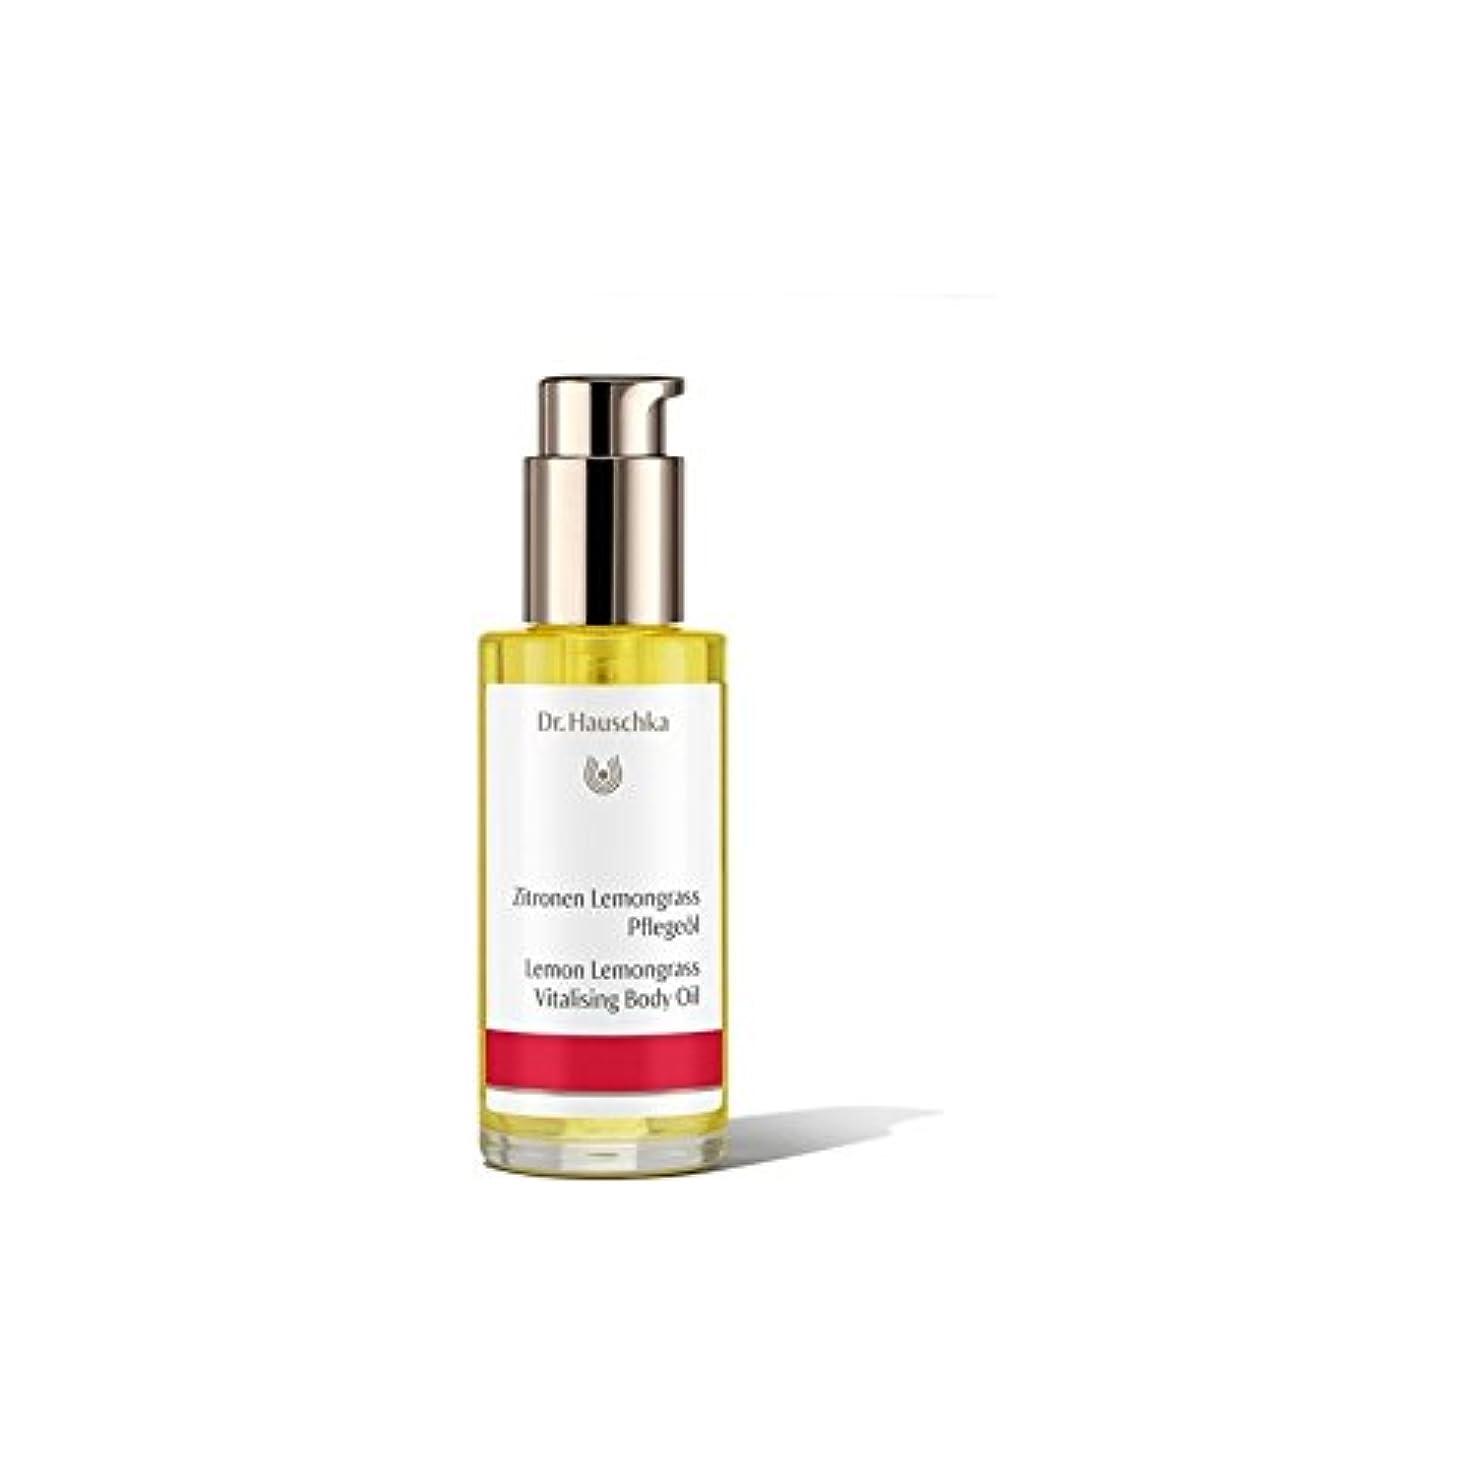 ゴム教え鋼ハウシュカレモンレモングラスボディオイル(75ミリリットル) x4 - Dr. Hauschka Lemon Lemongrass Vitalising Body Oil (75ml) (Pack of 4) [並行輸入品]